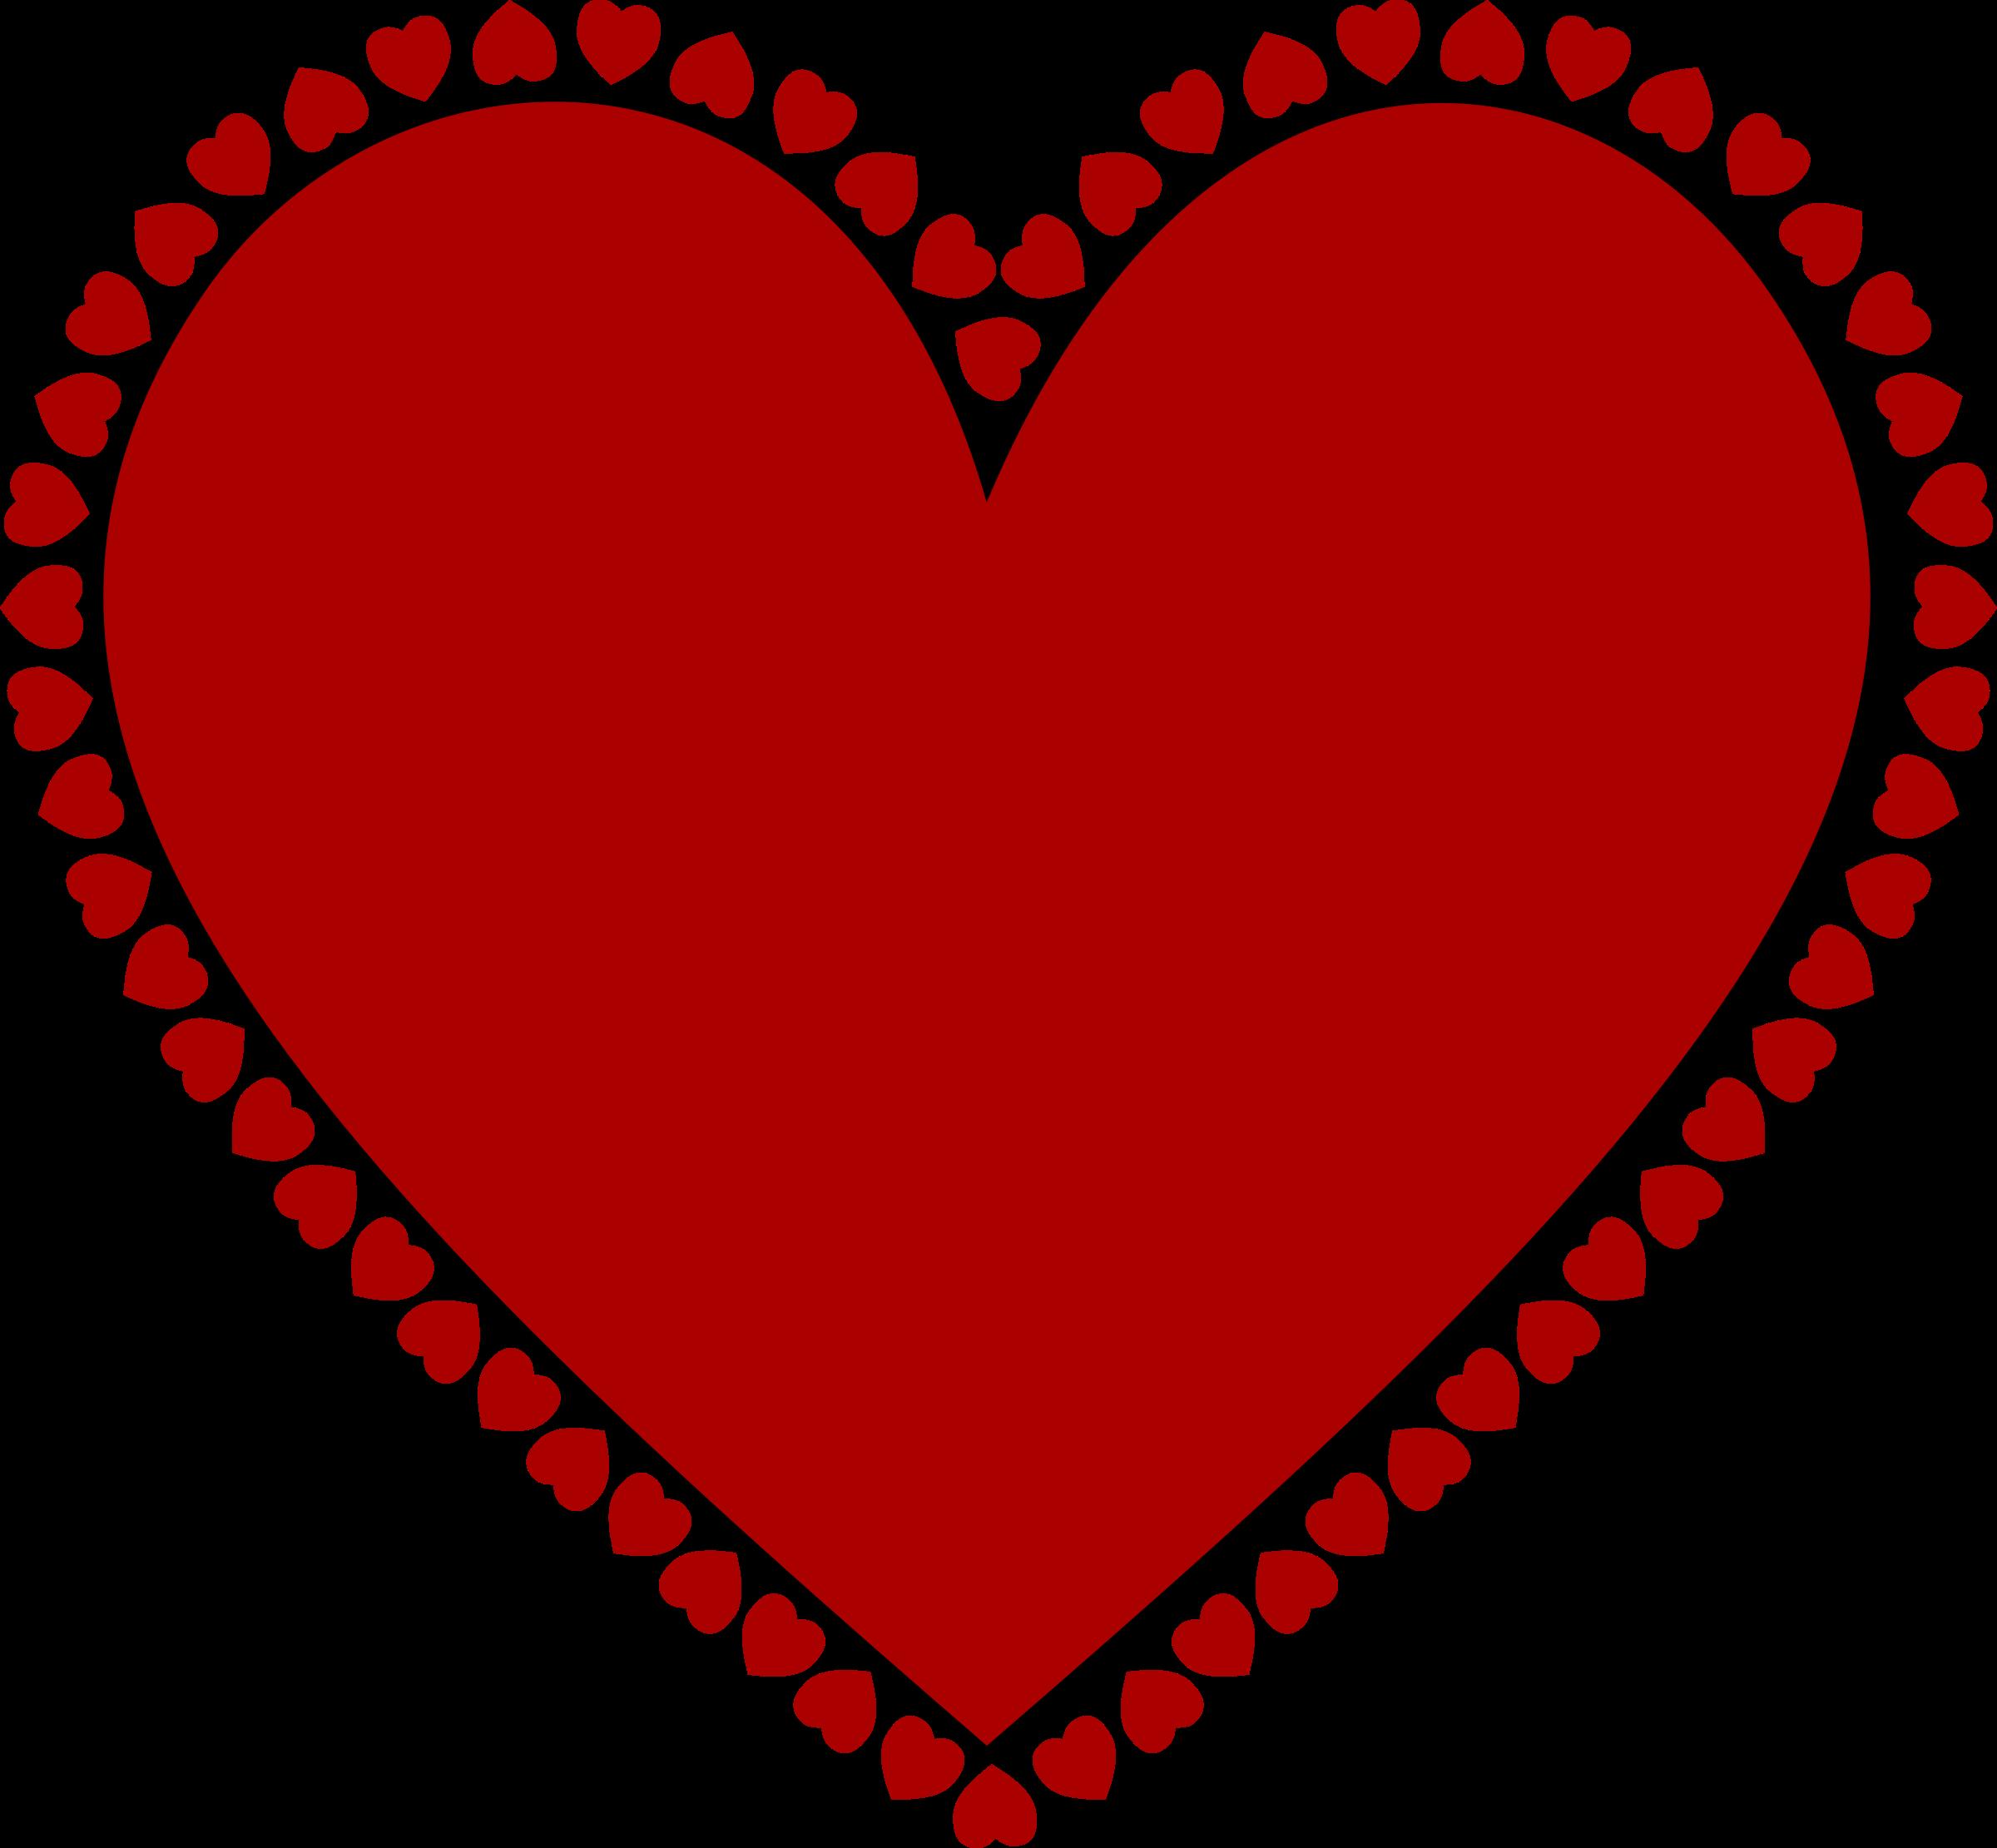 BIG IMAGE (PNG) - Hearts PNG HD